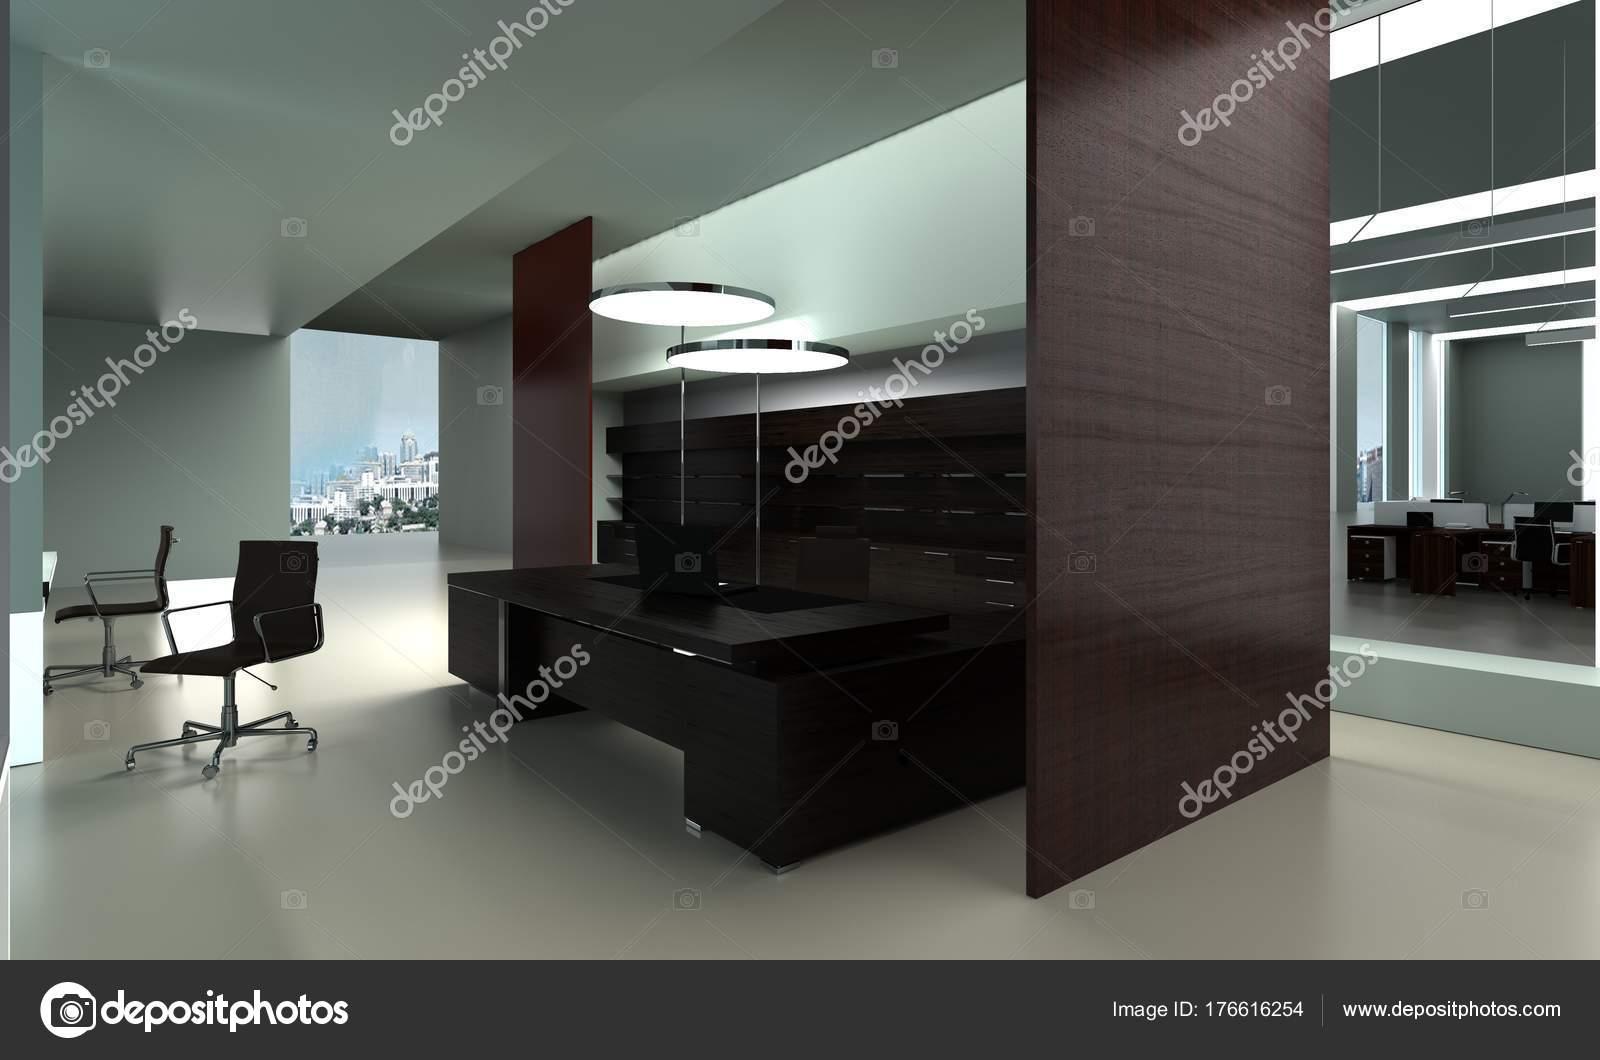 Design Ufficio Moderno : Illustrazione d l ufficio moderno interior design u foto stock